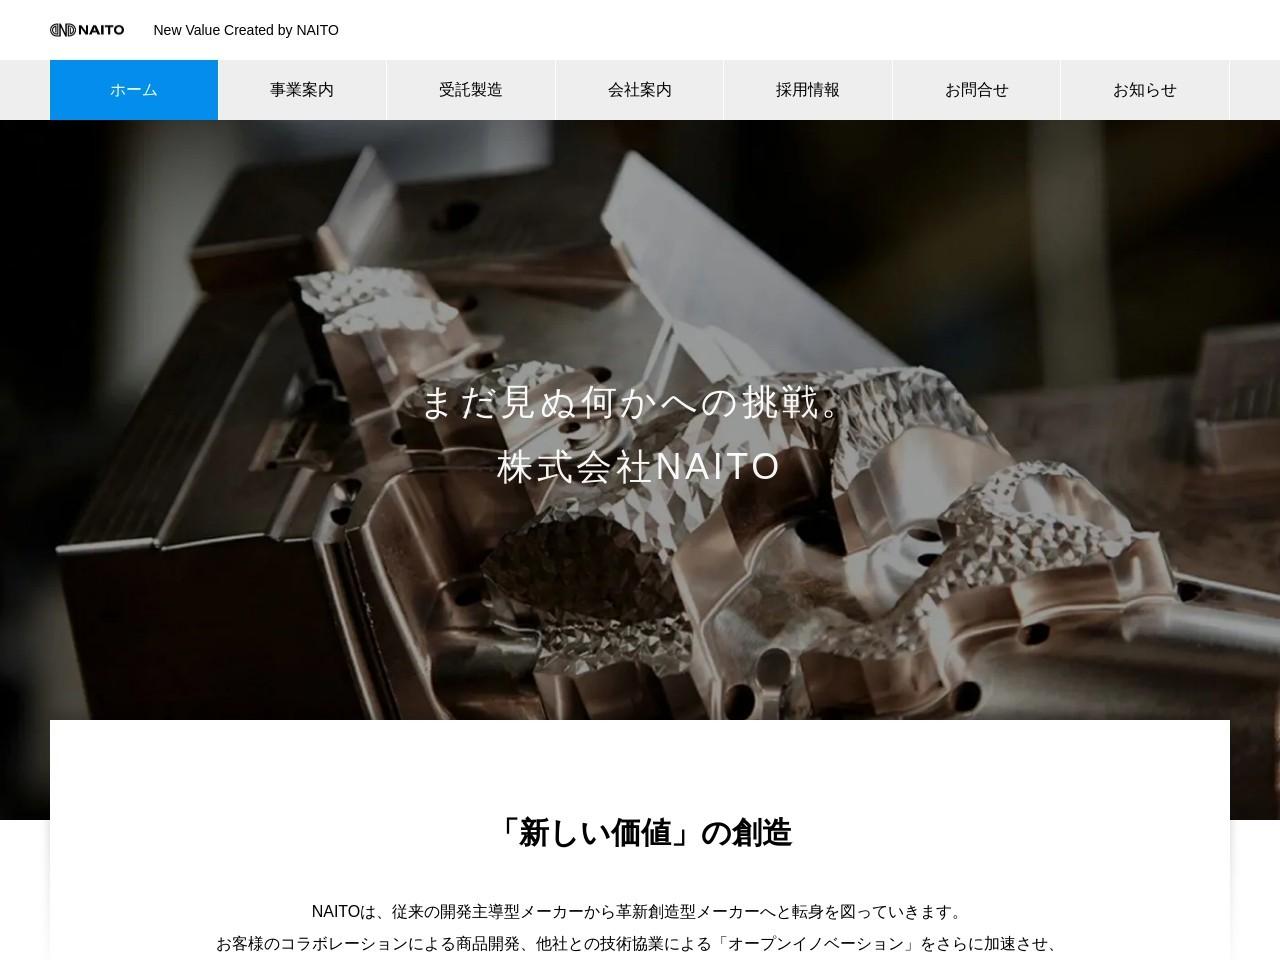 NAITO - パチンコ・パチスロの総合部品メーカー | 株式会社NAITOオフィシャルサイト